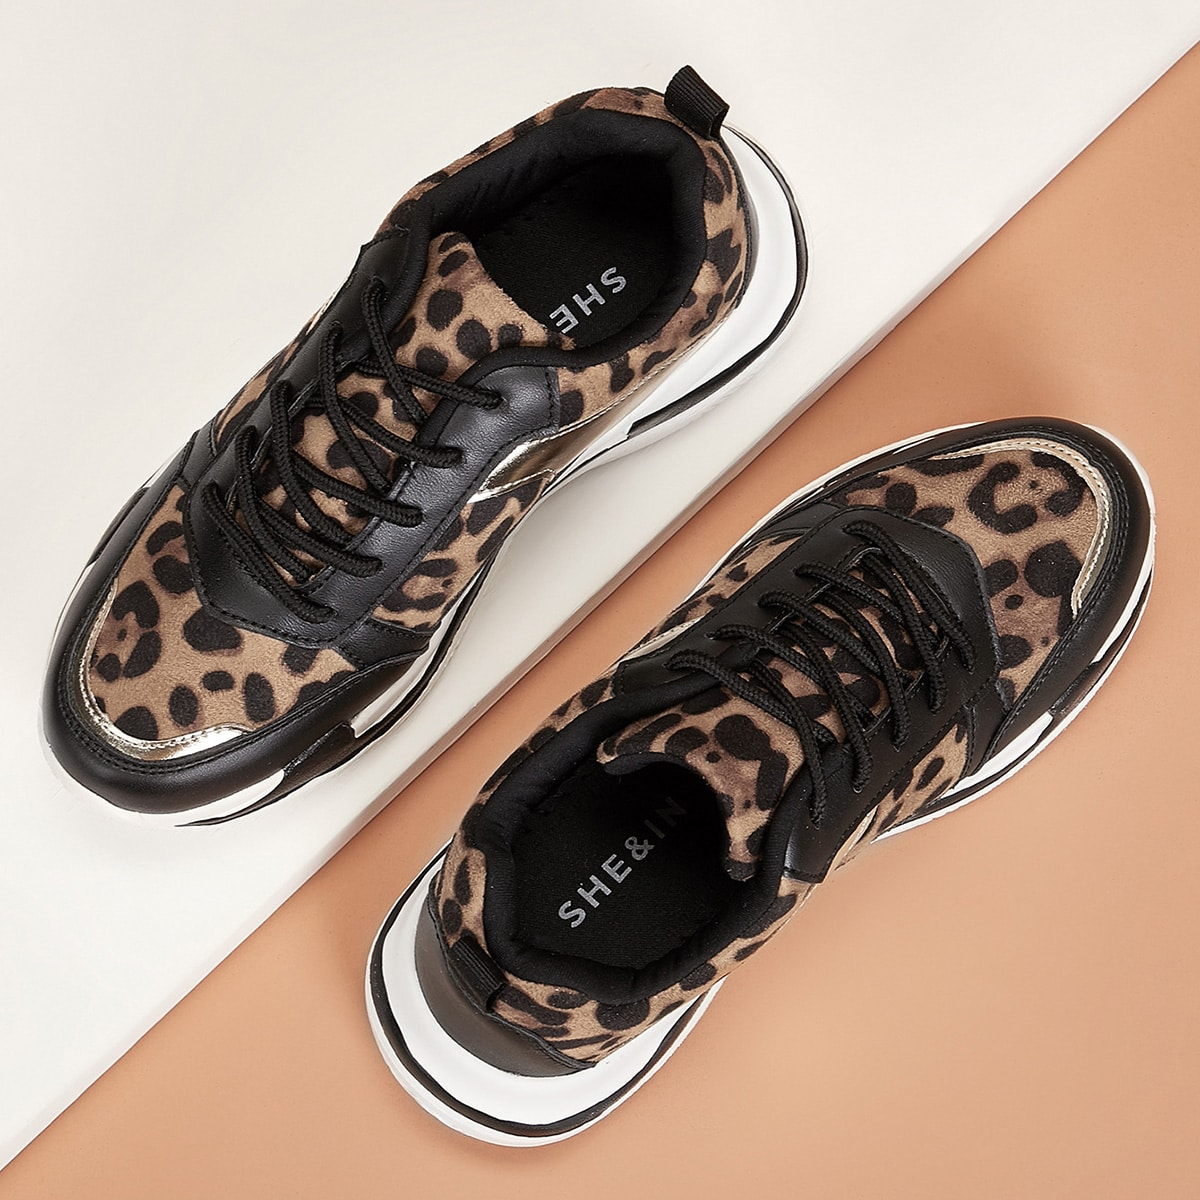 Кроссовки на шнурках с леопардовым принтом от SHEIN